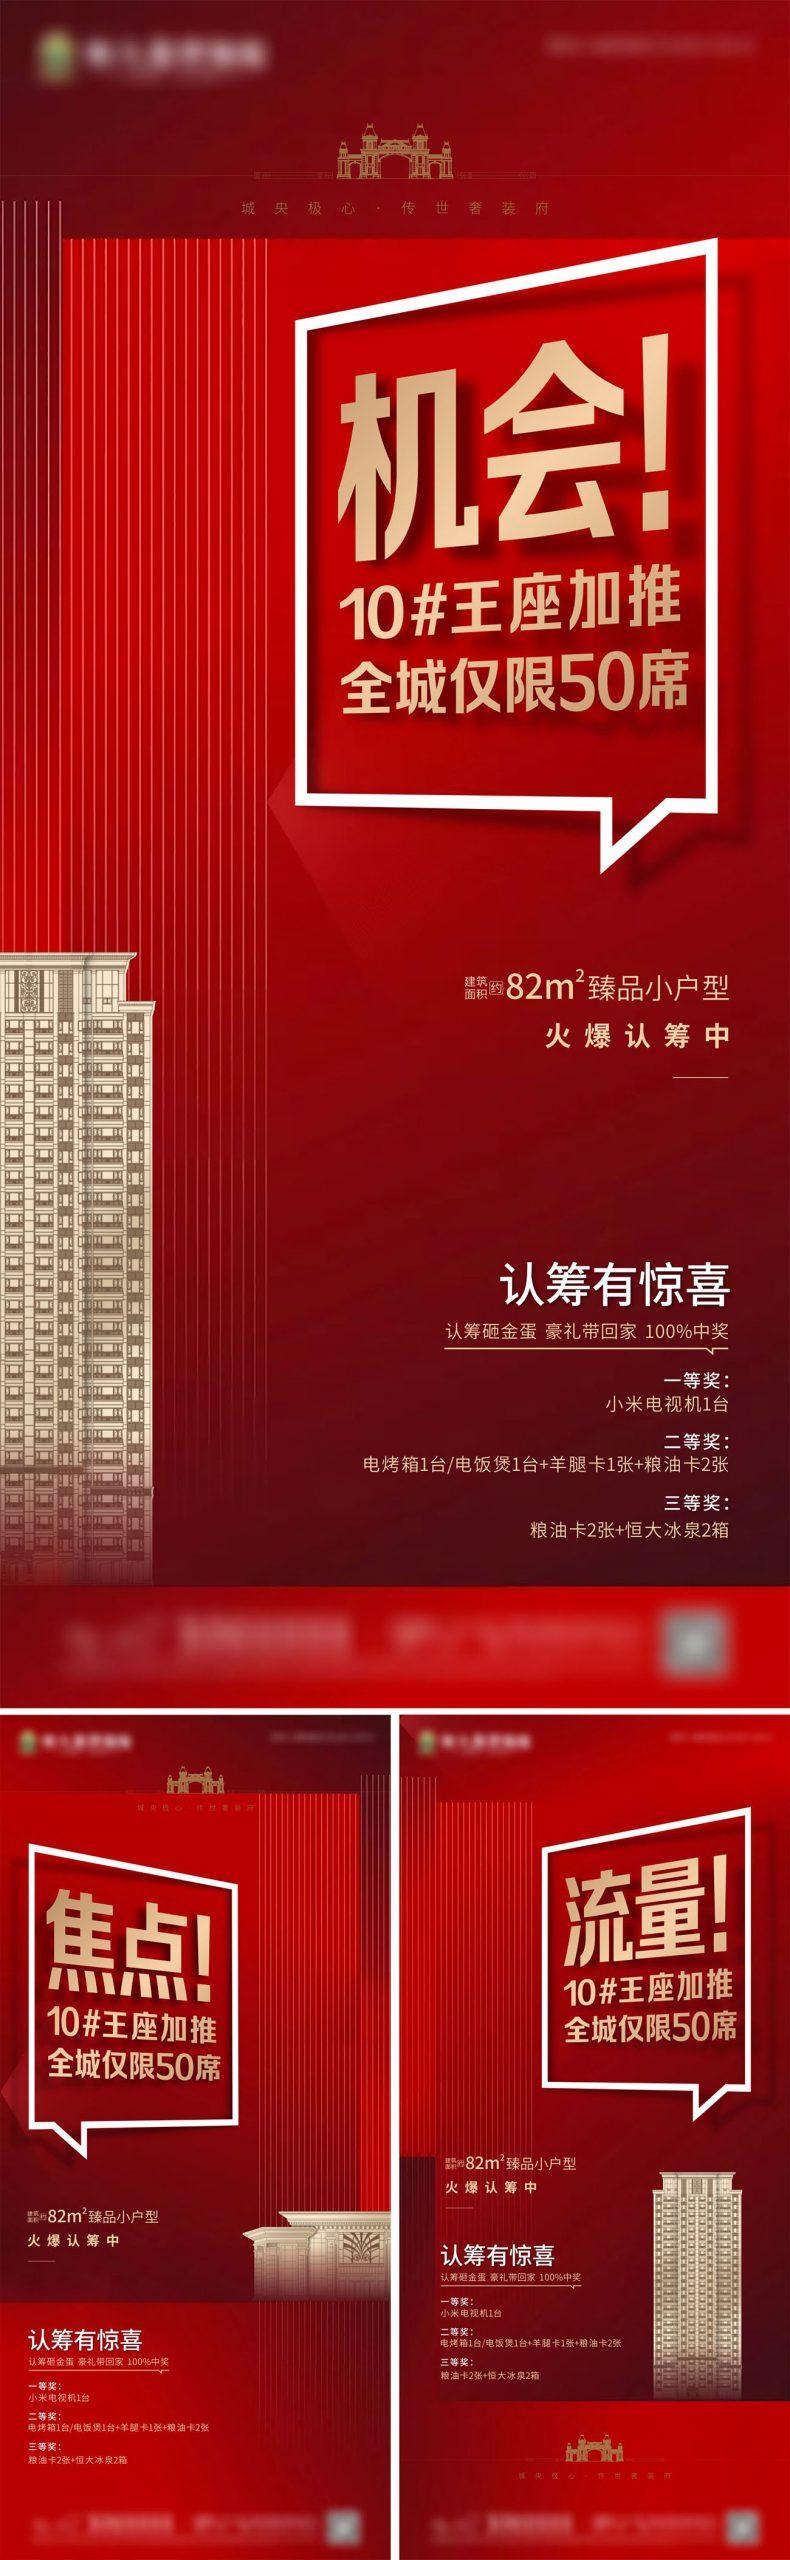 房地产加推认筹红色系列海报CDR源文件插图